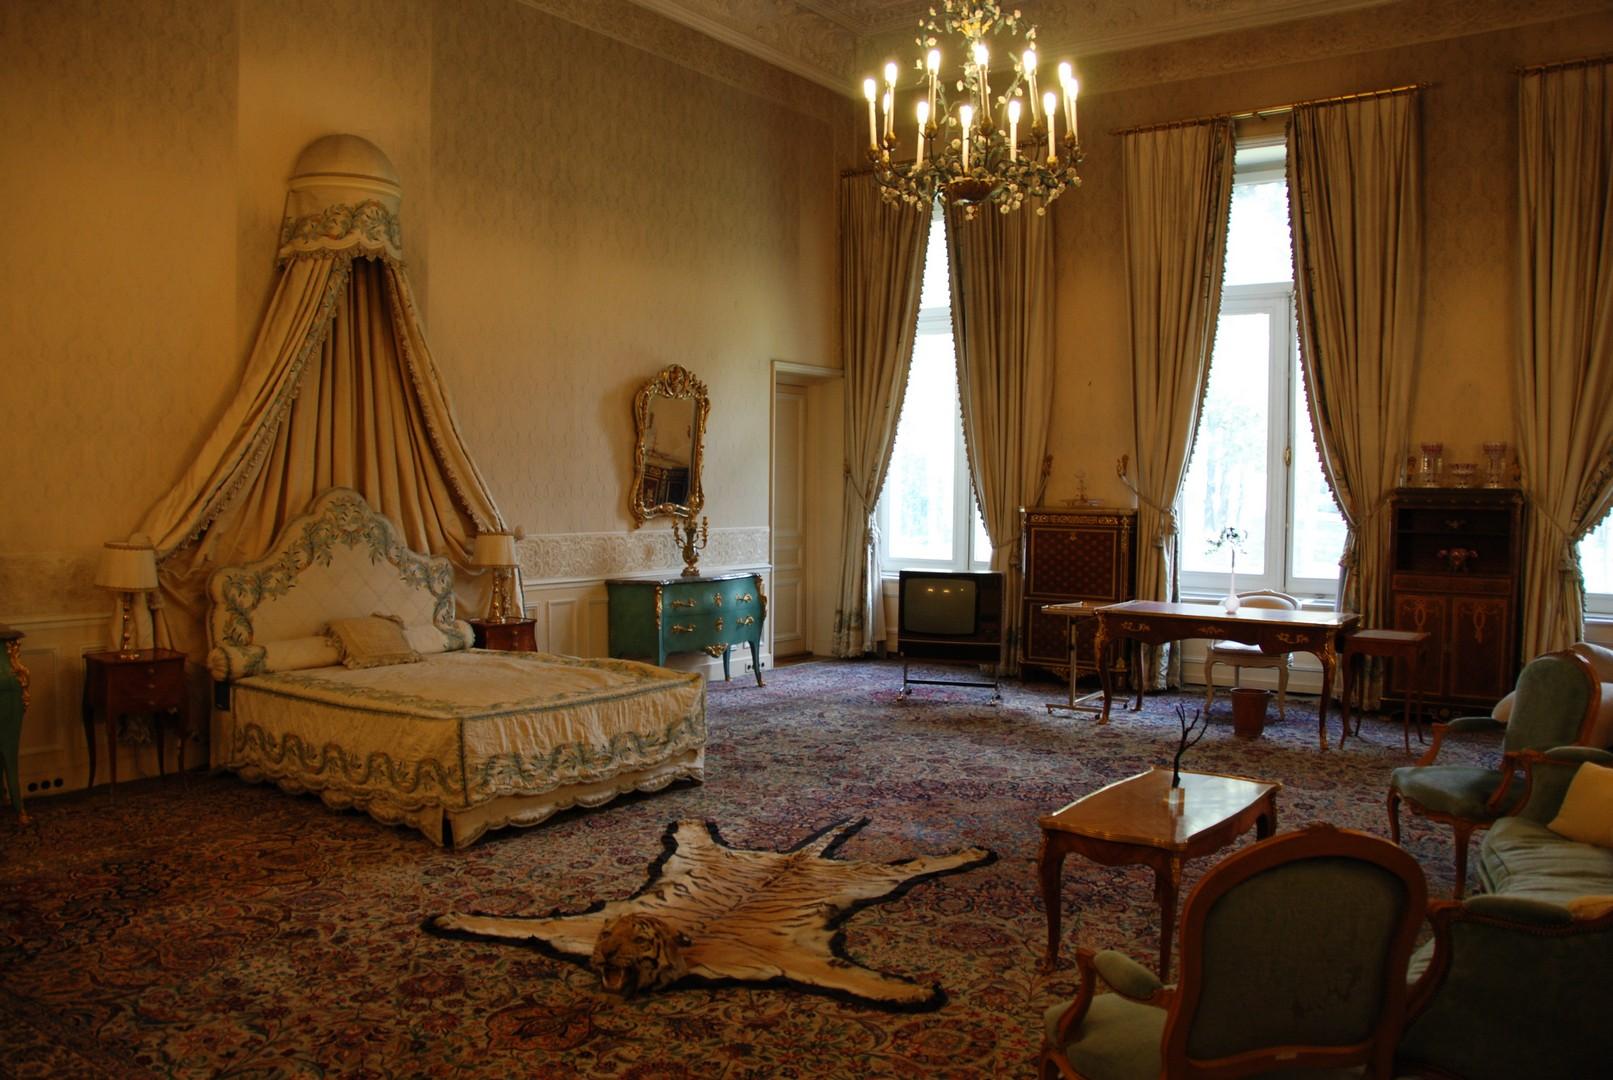 een kijkje in de slaapkamer van reza shah